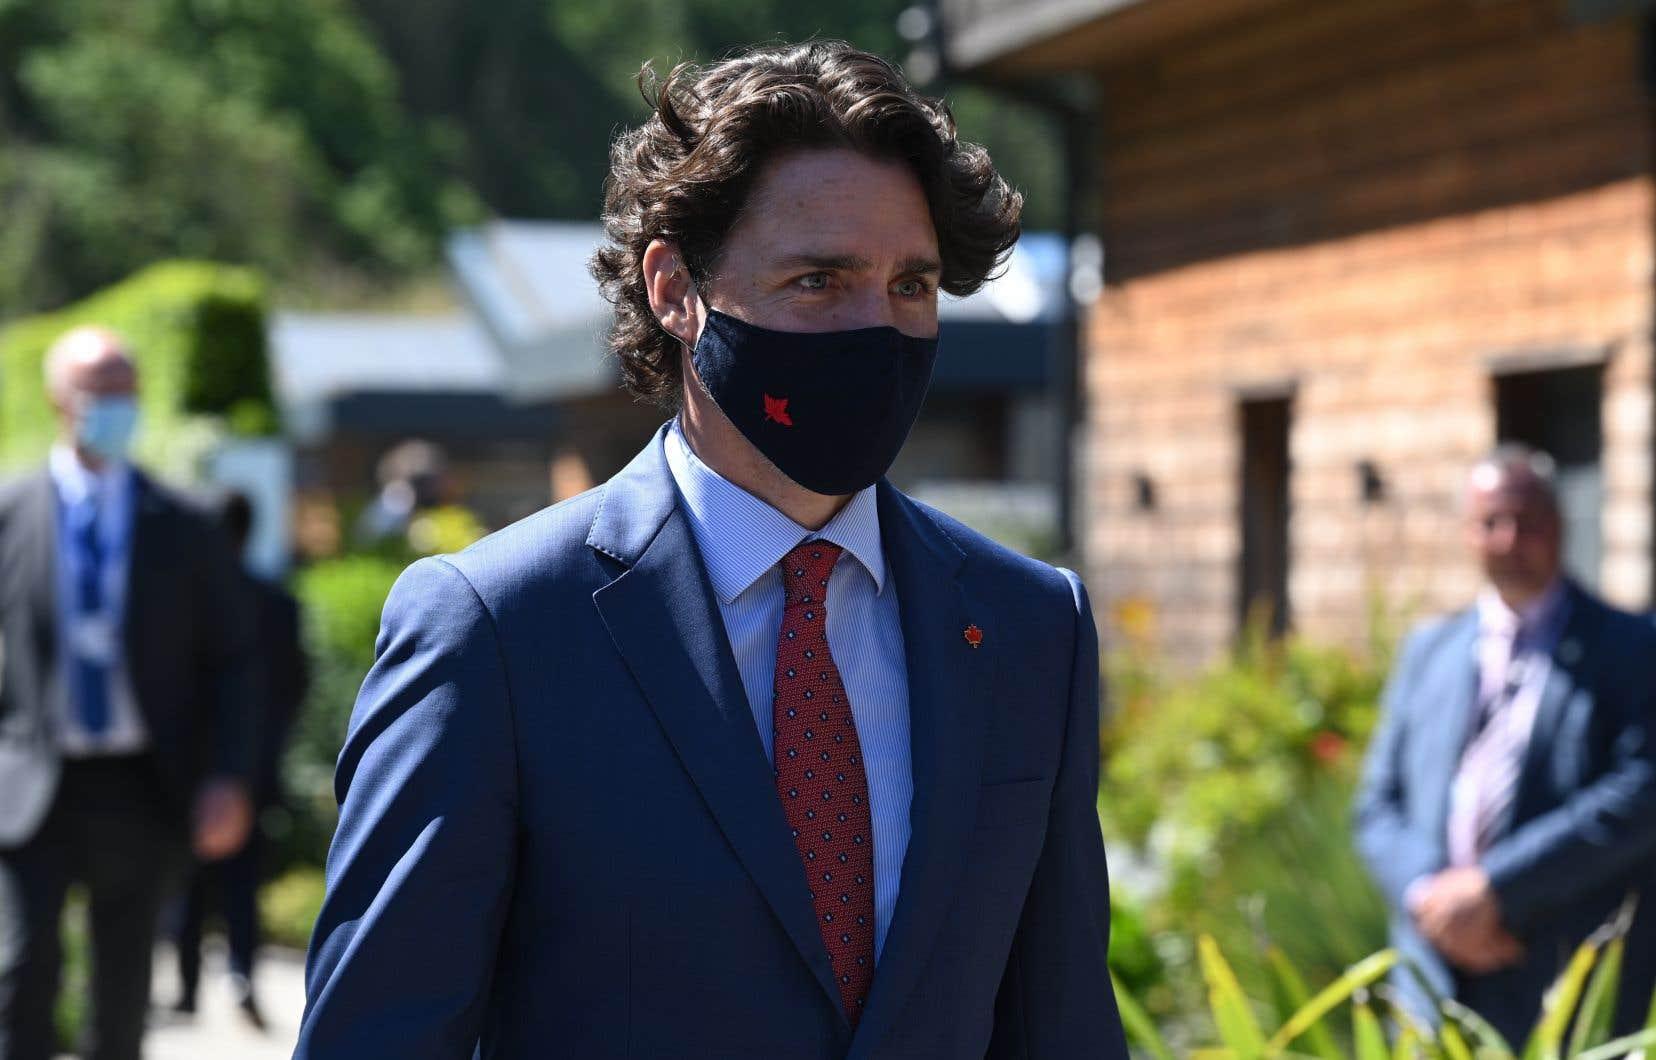 M.Trudeau rencontrera plus tard dans la journée son homologue italien Mario Draghi et la chancelière allemande Angela Merkel.